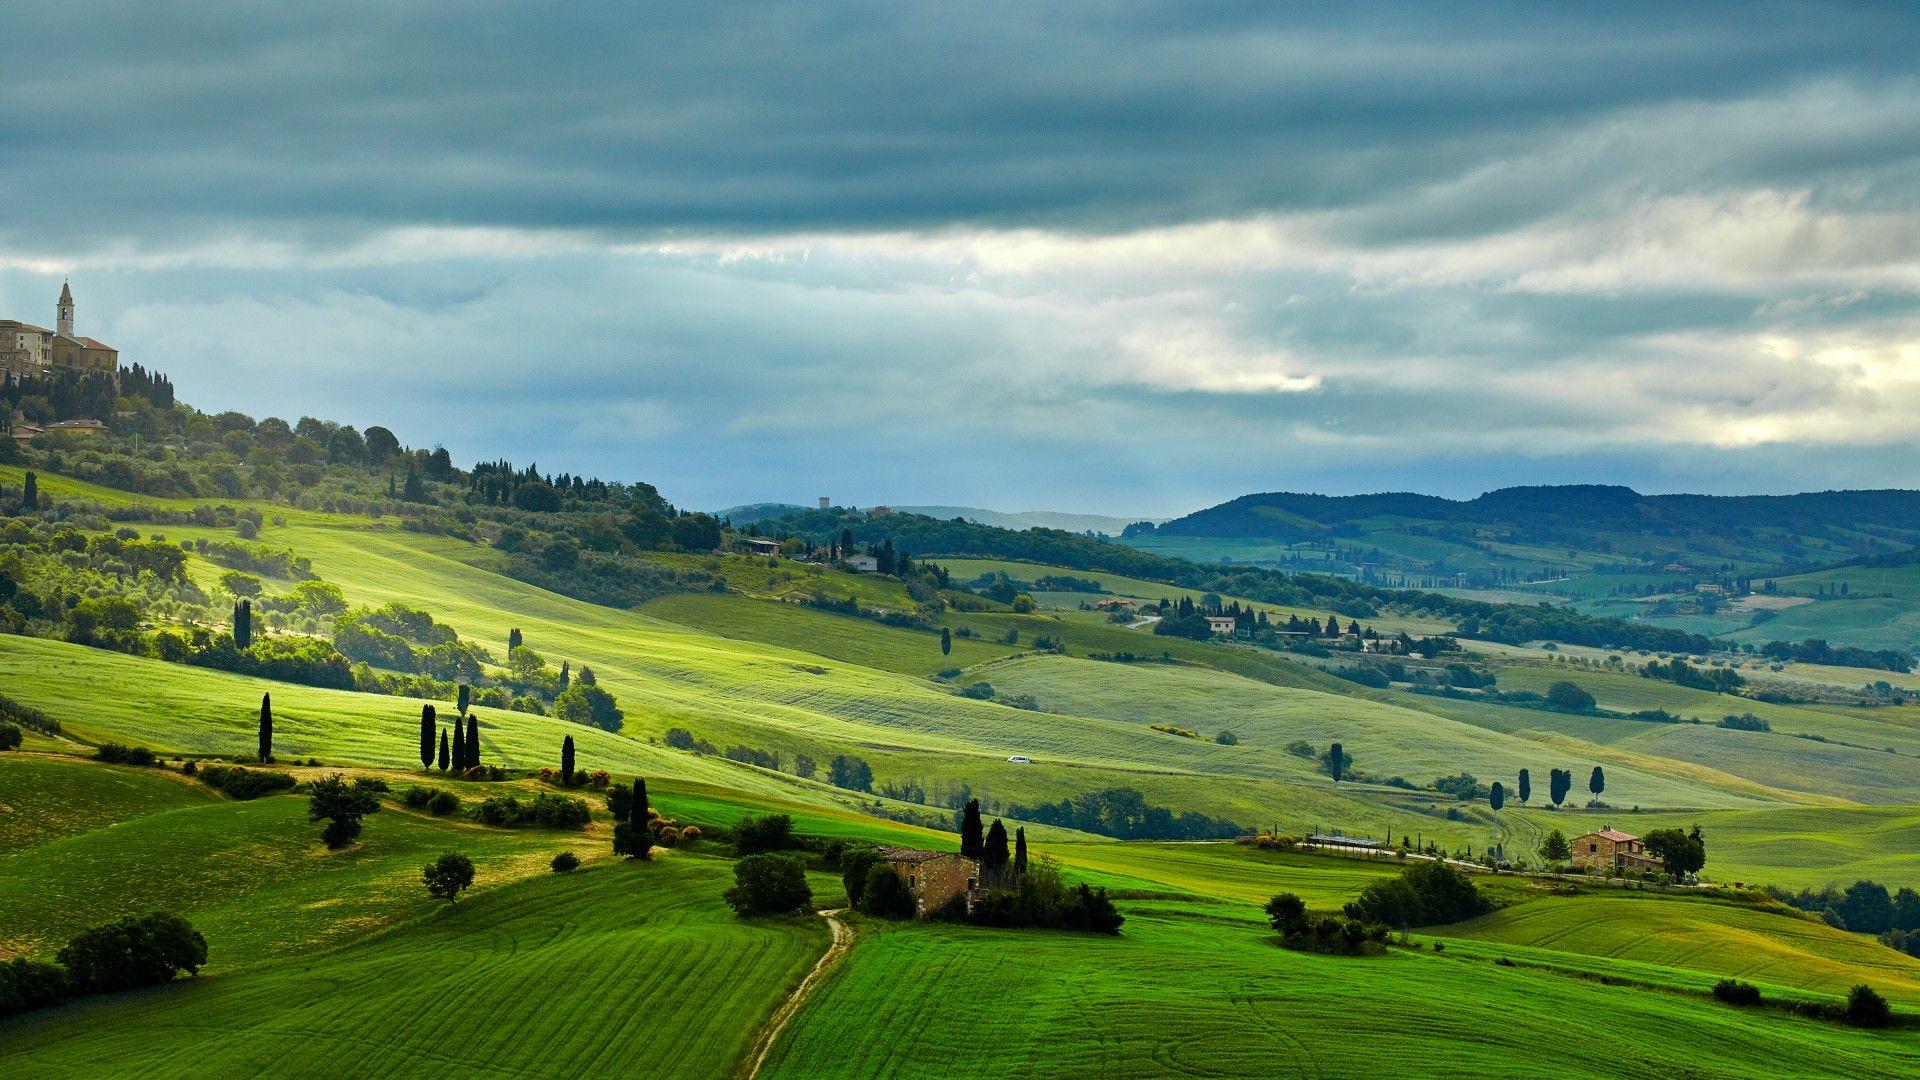 Field Italy Tuscany